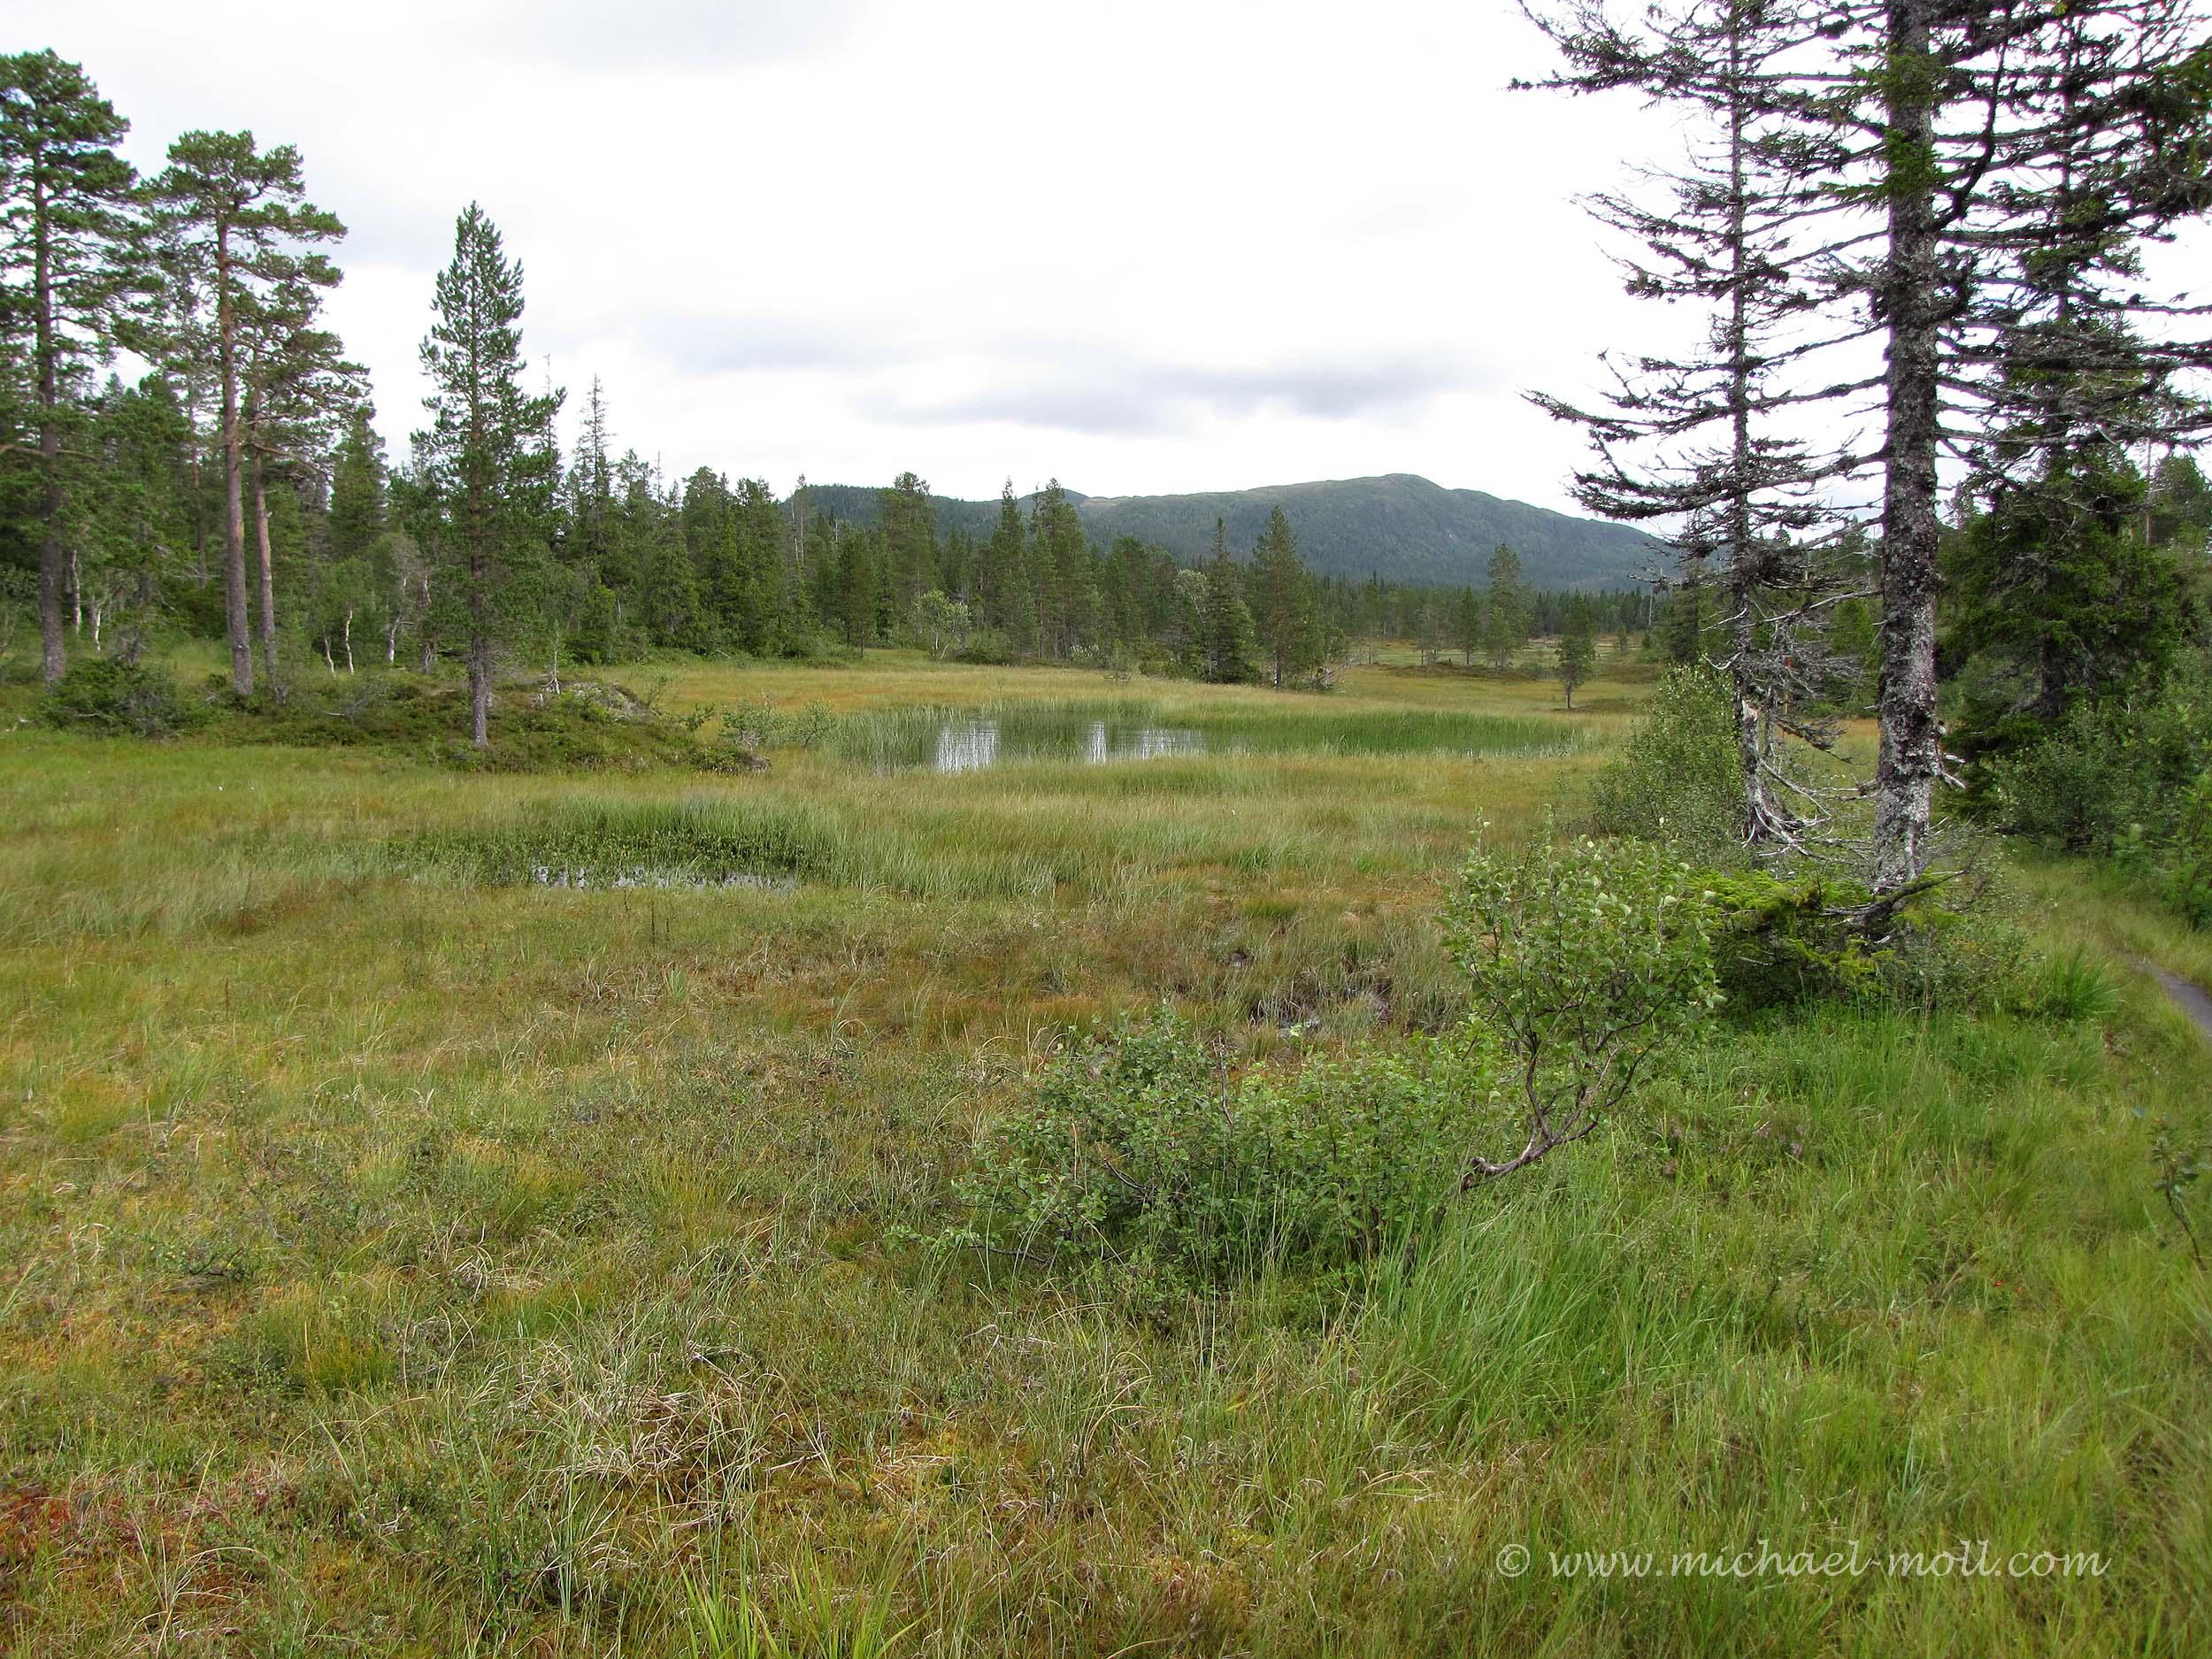 Moorlandschaft in Norwegens Zentrum